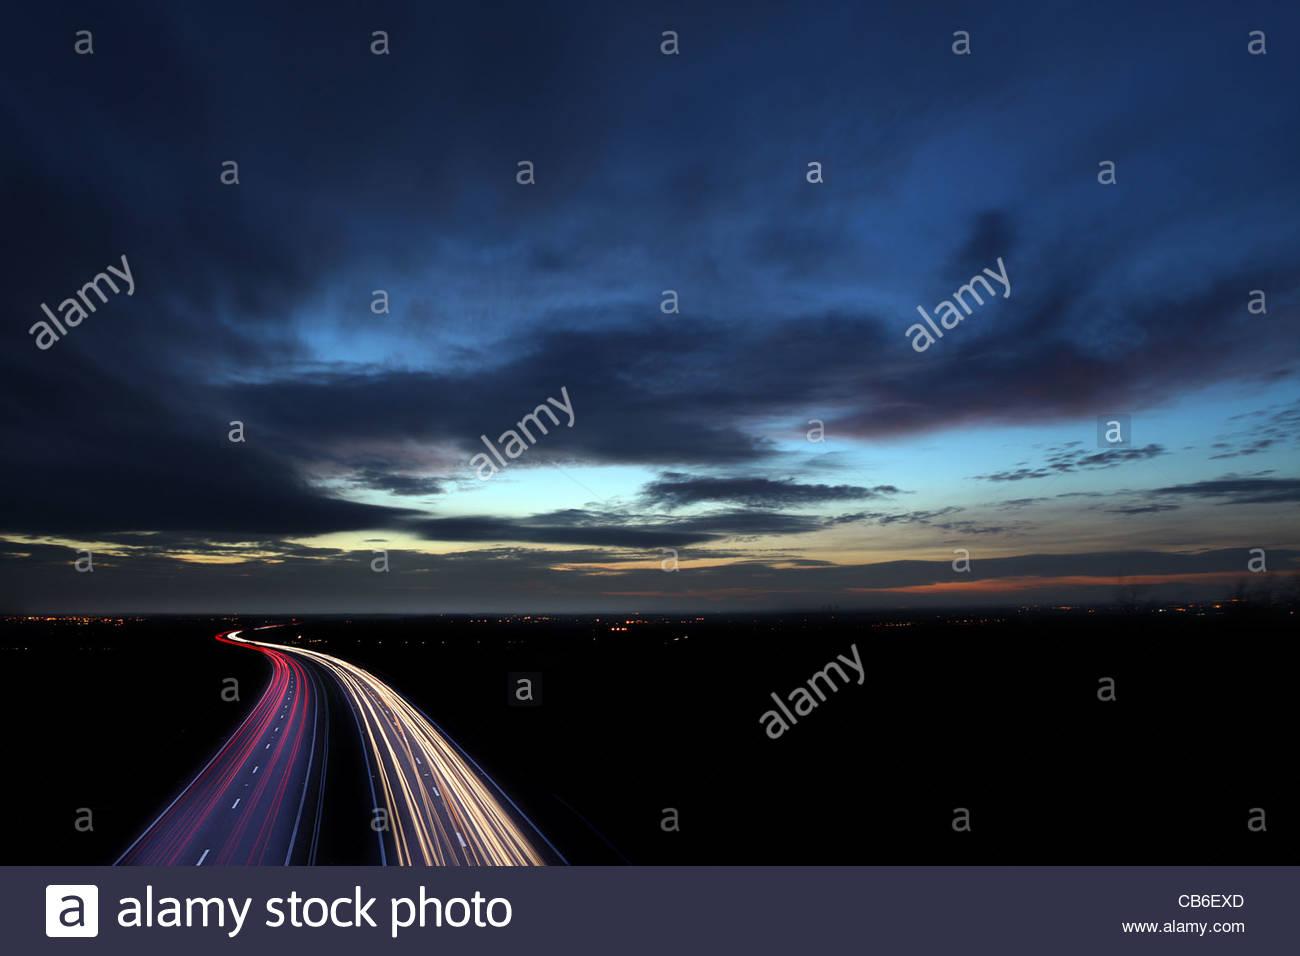 Auto Scheinwerfer Strecken in der Nacht Stockbild